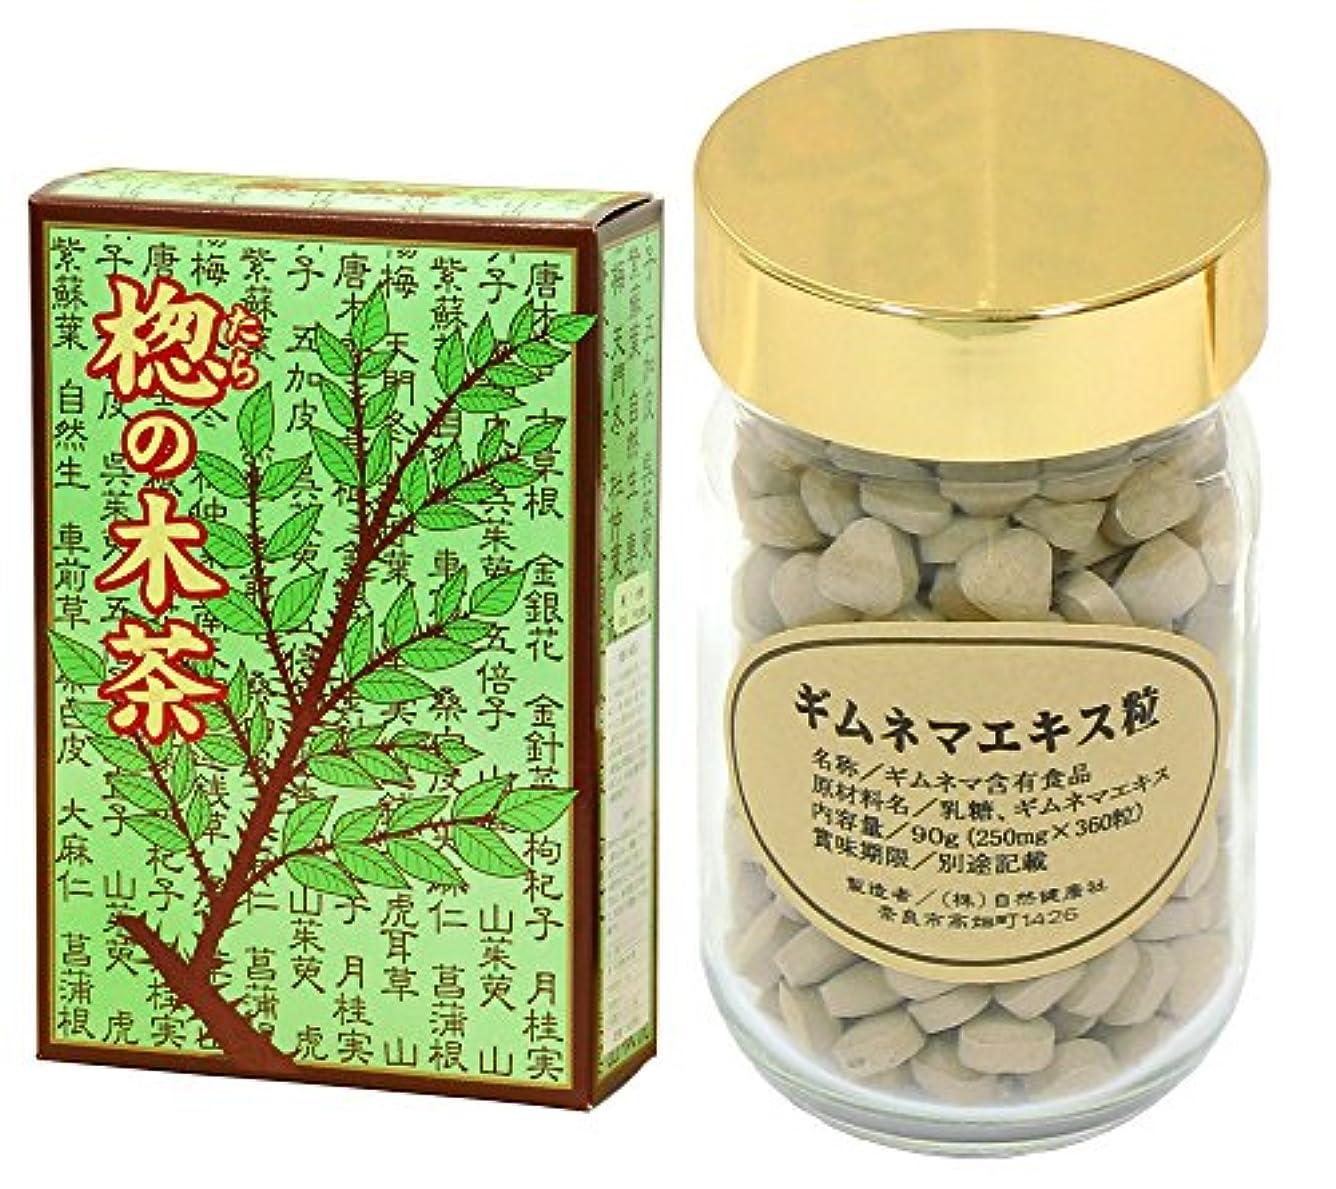 準備ができて黙ギャンブル自然健康社 国産タラノキ茶 30パック + ギムネマエキス粒 90g